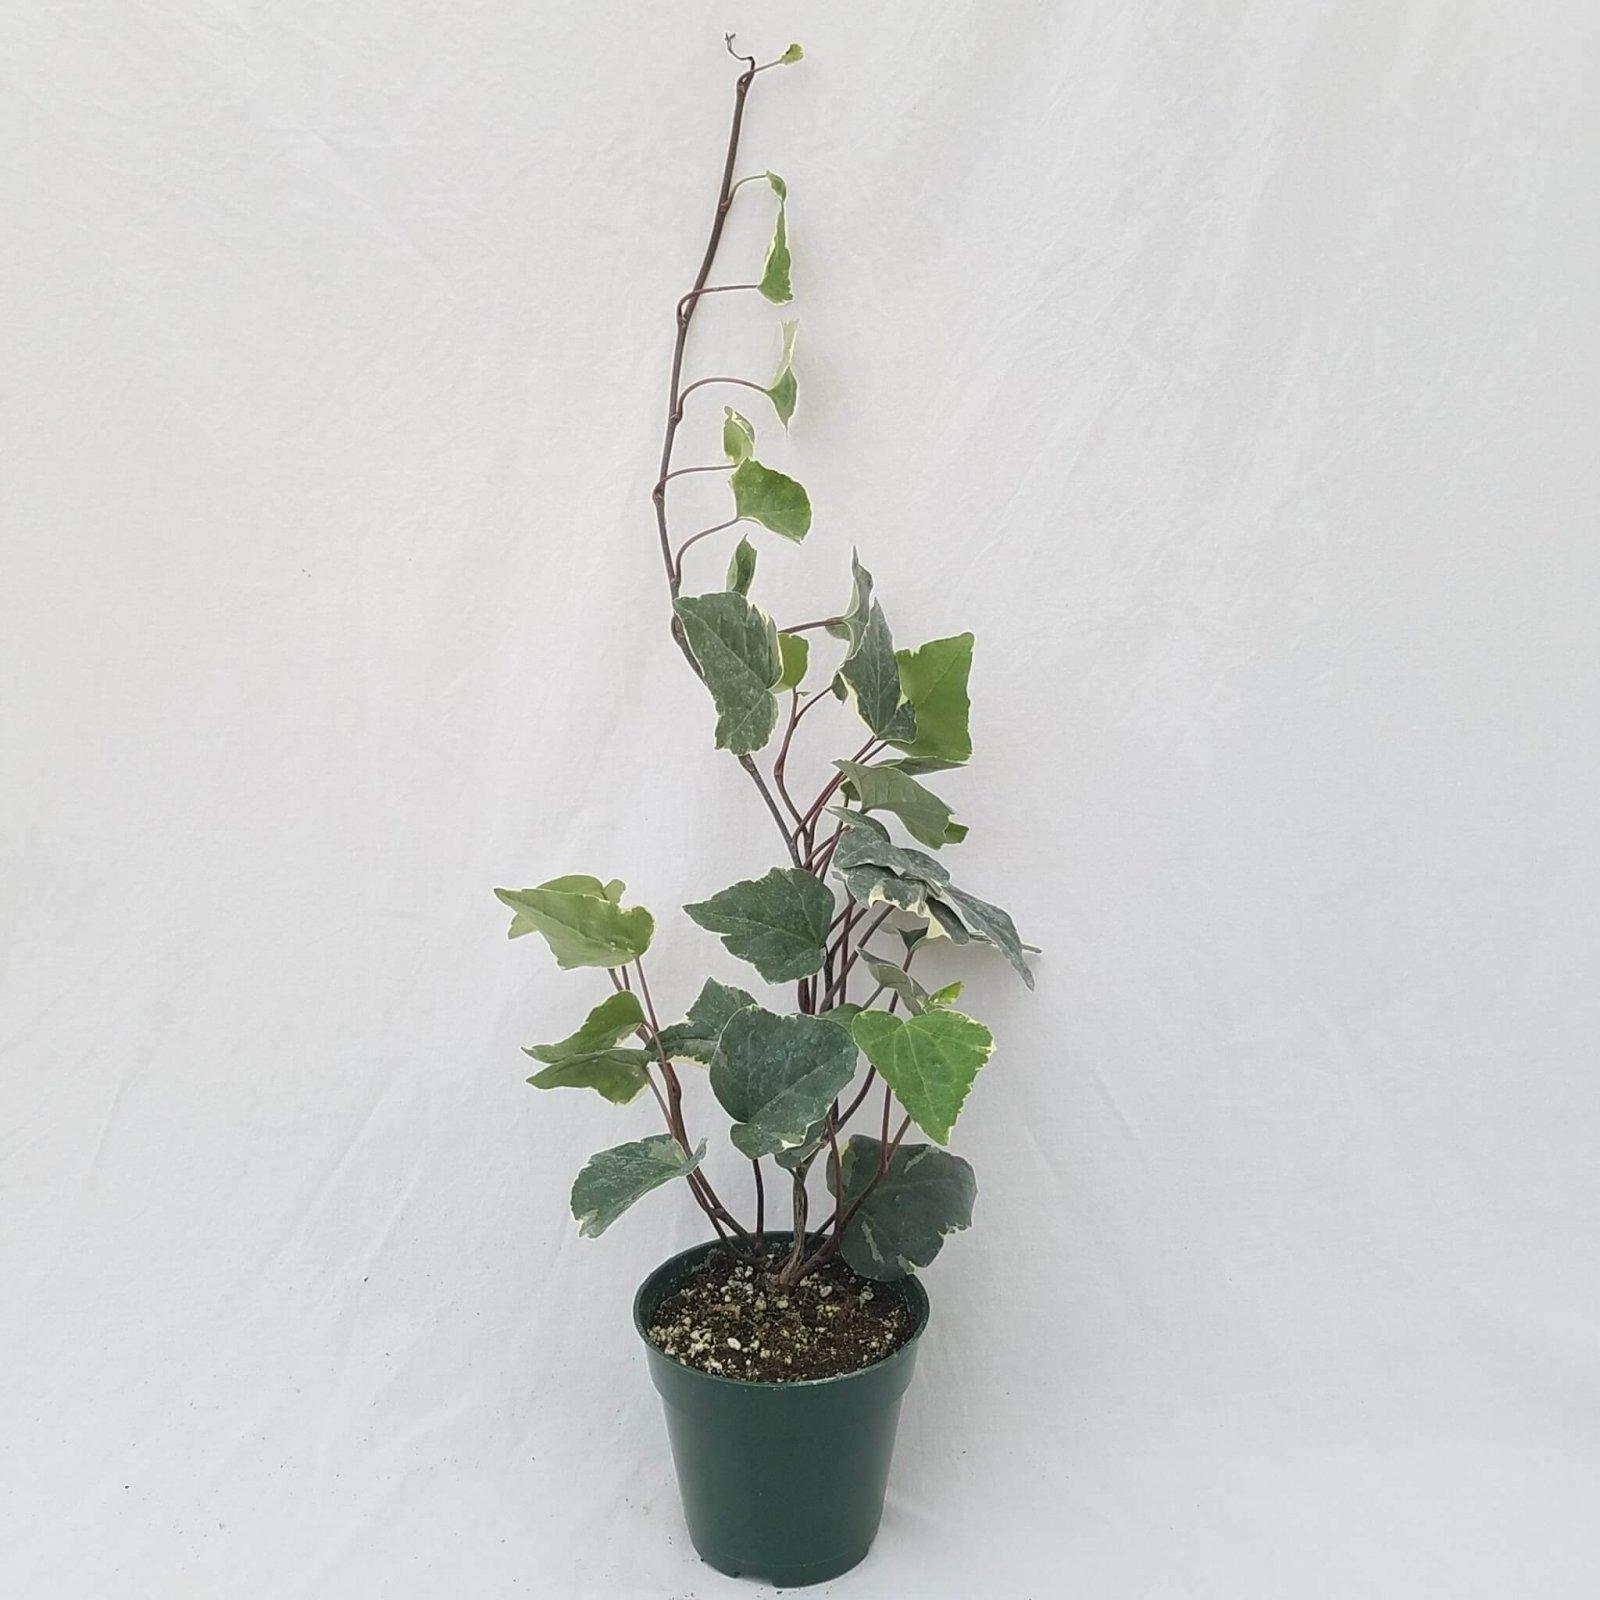 Ivy - Algerian Variegated - 4 1/2